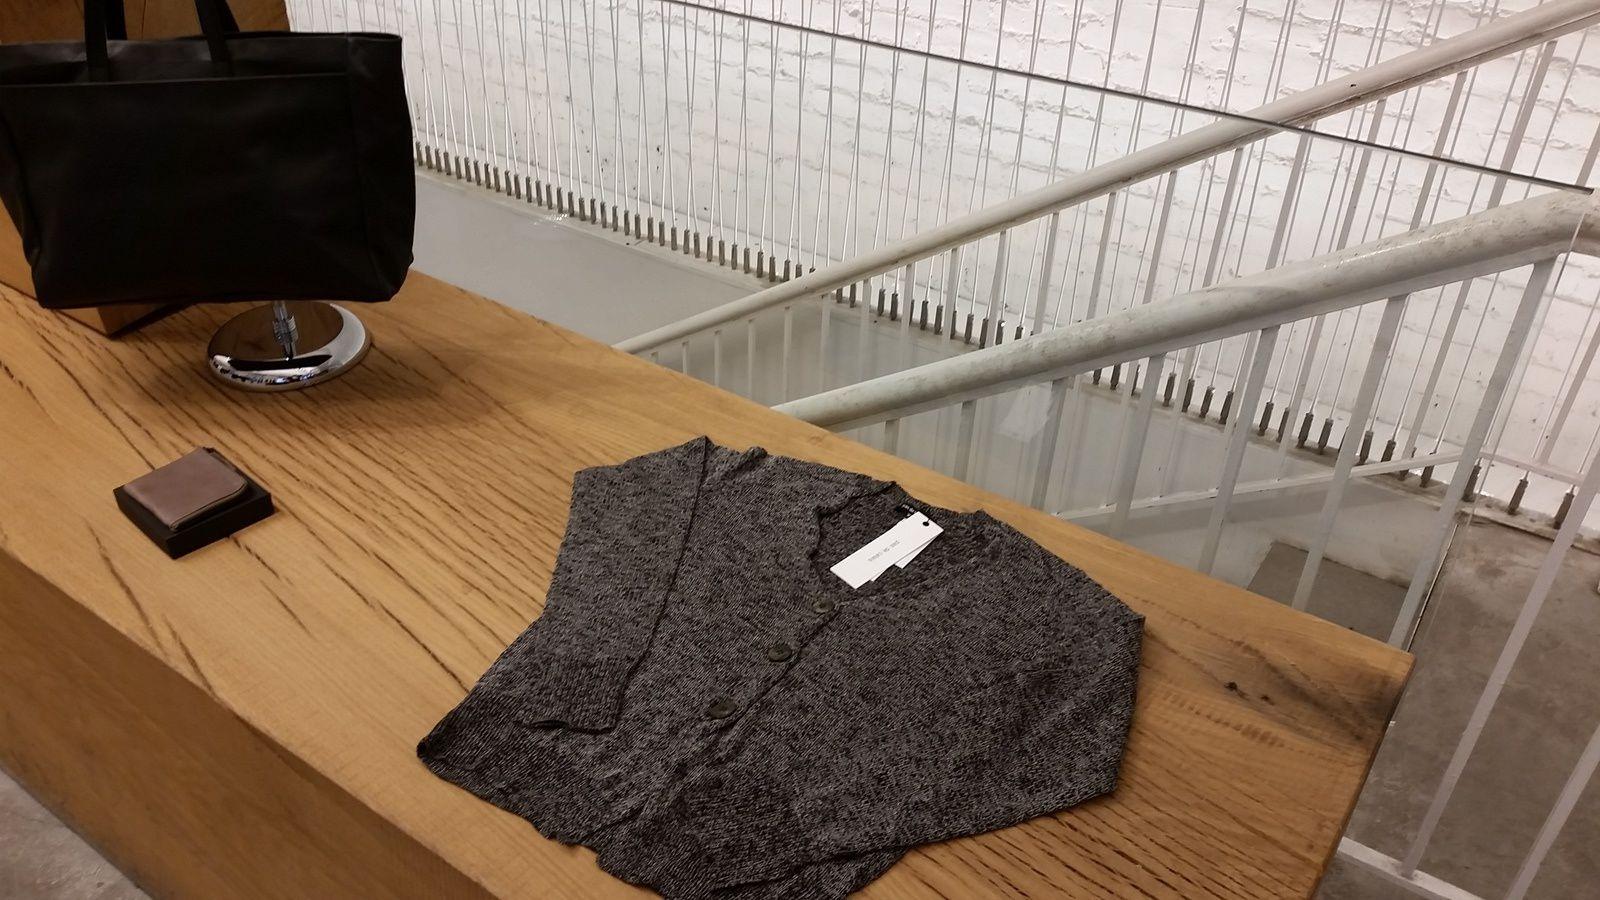 # Altavia store tour new york 2 : Pas de Calais une marque haut de gamme lancée par une japonaise et présente à Soho! Etonnante histoire.